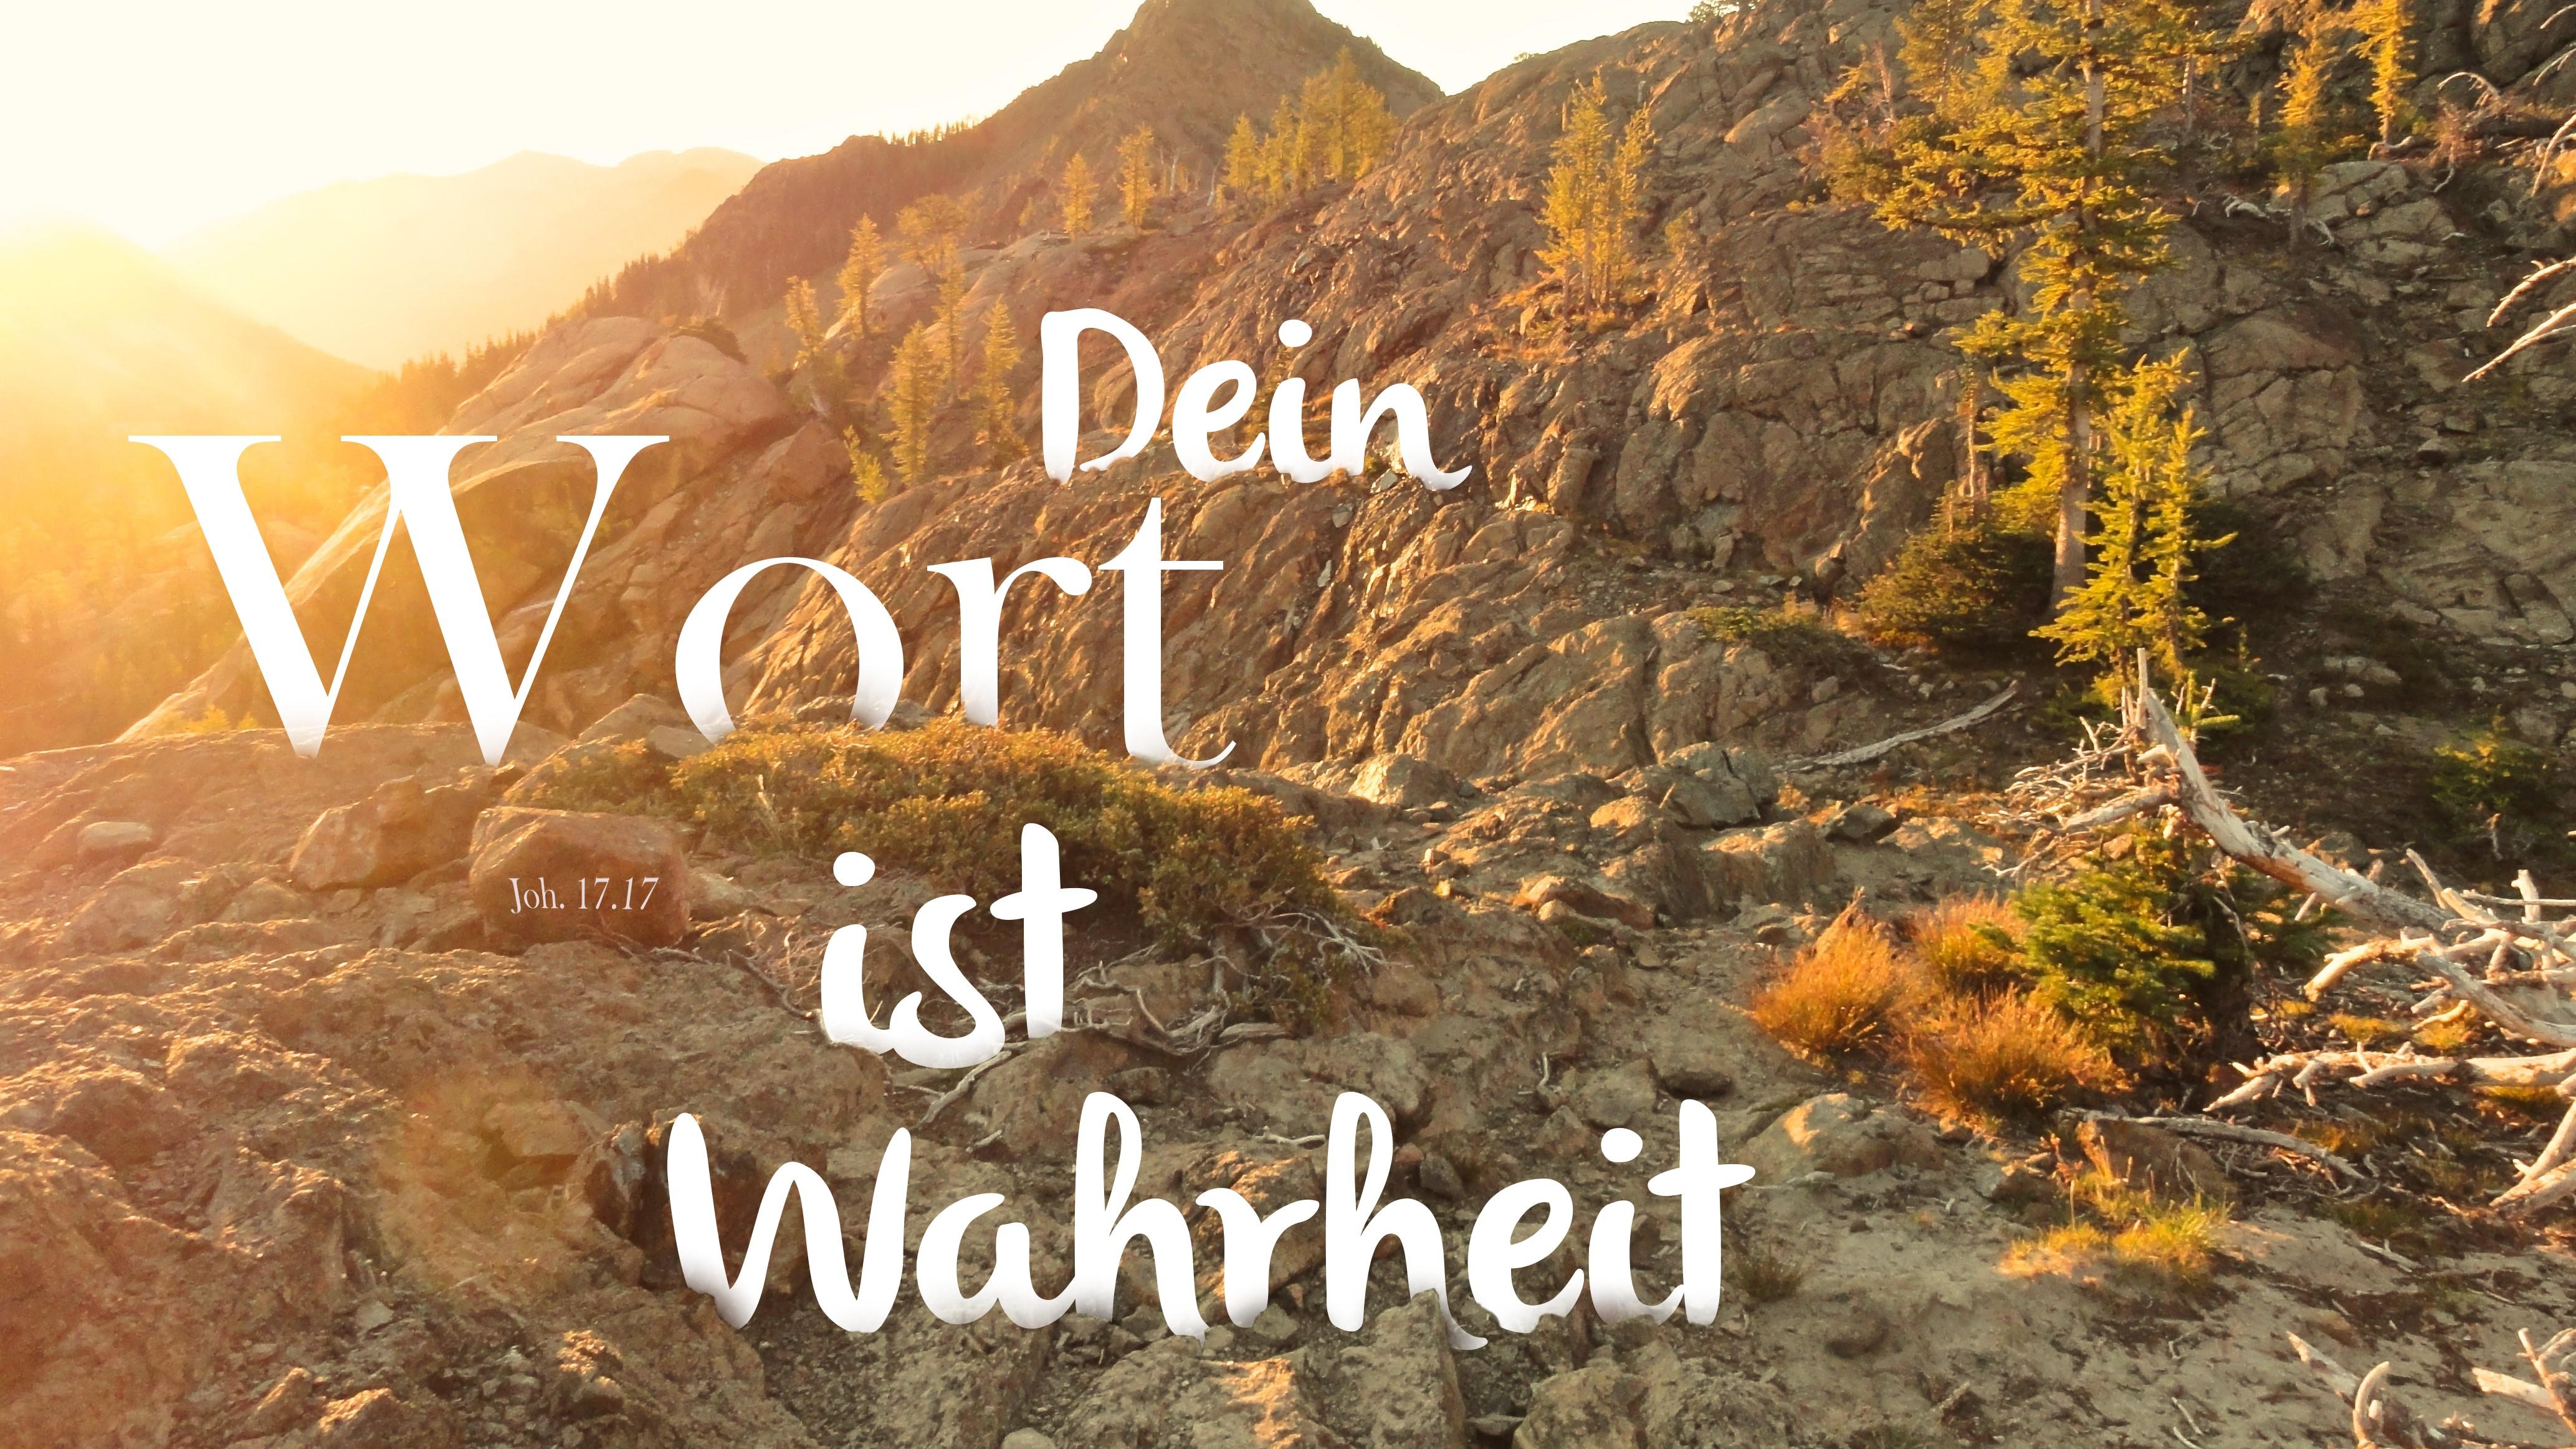 Christliche wallpaper gladium spiritus - Christliche hintergrundbilder ...